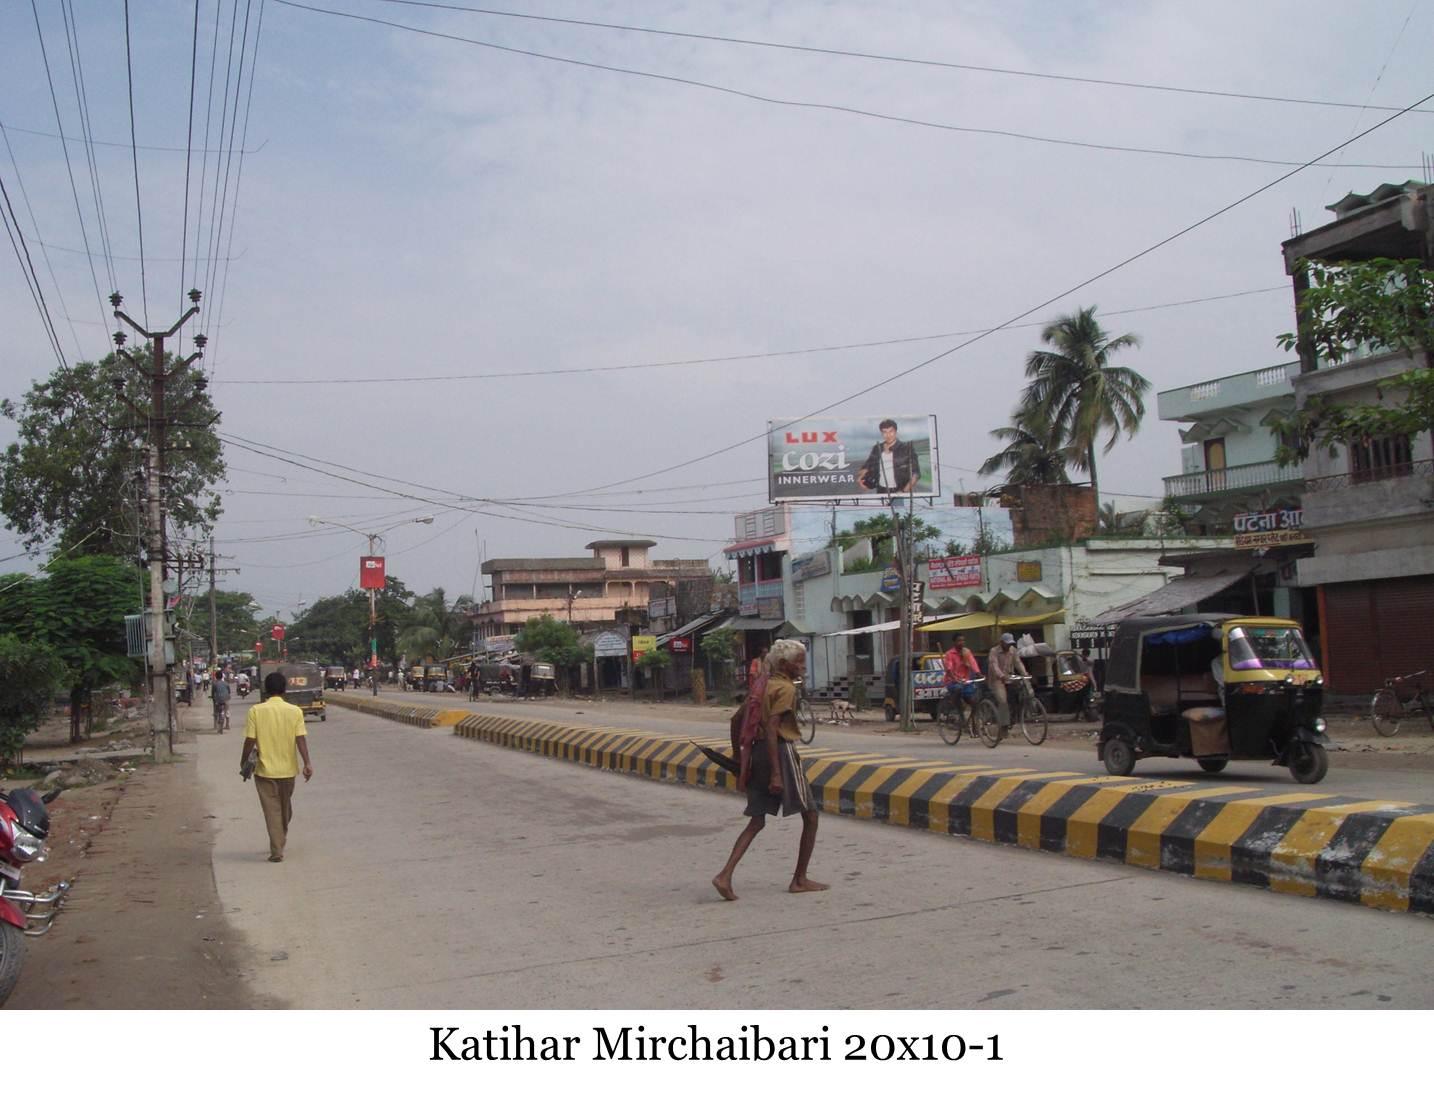 Mirchaibari, Katihar